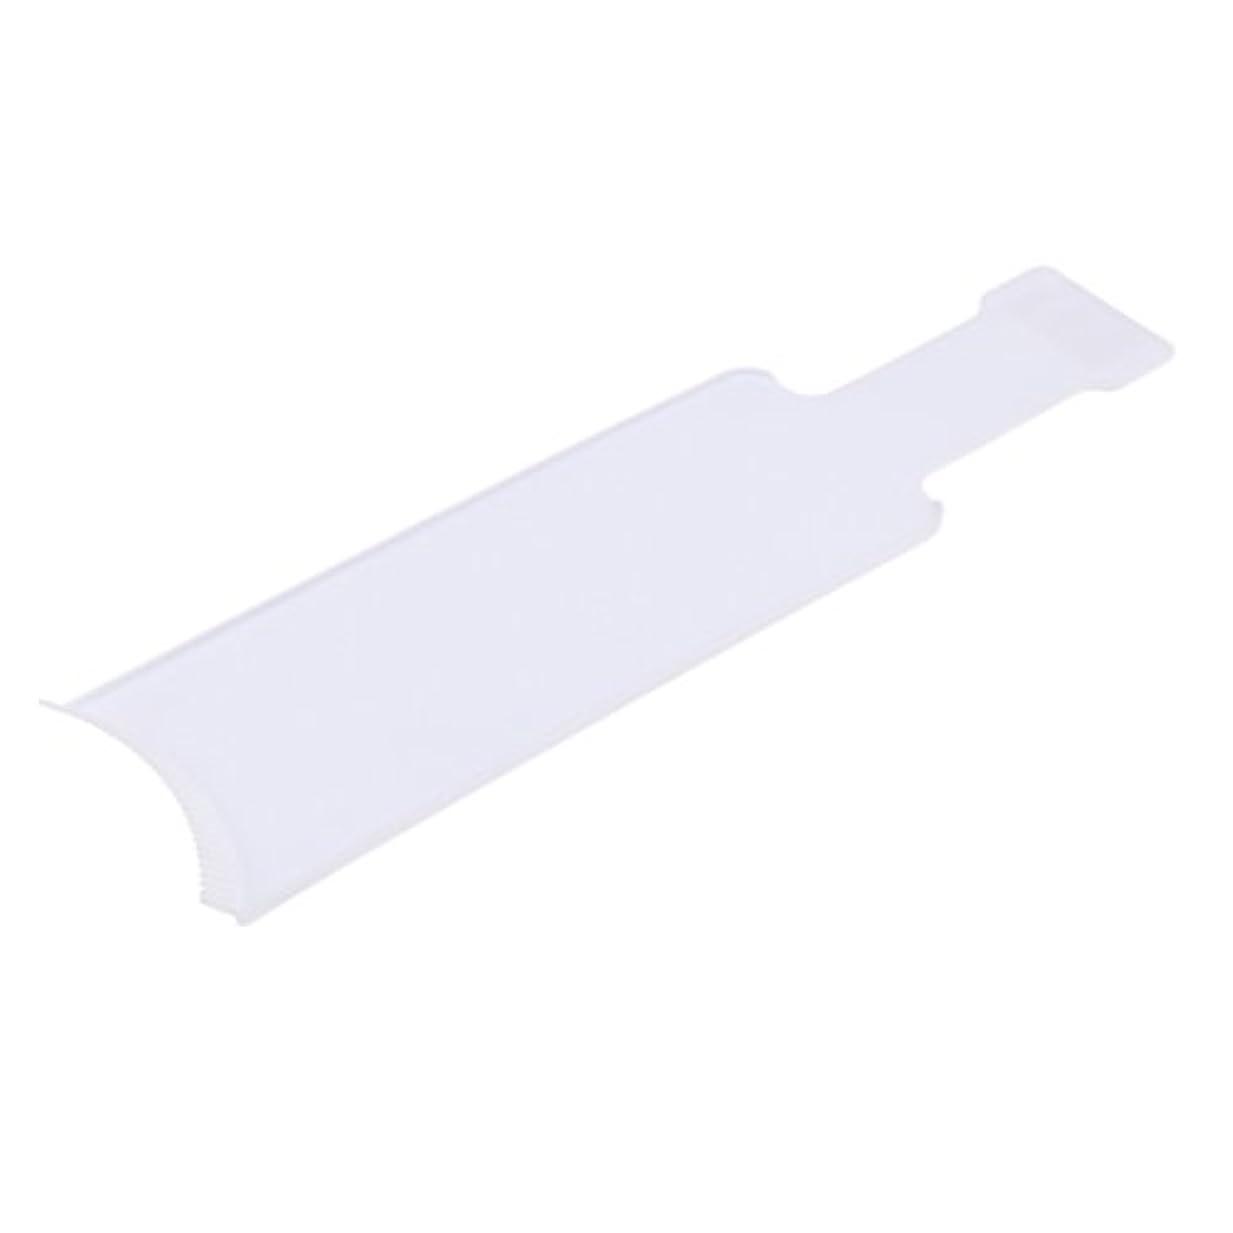 びん壁ガイドライン染色櫛プレート 着色ボード 染めボード ヘアカラー ヘアブラシ 便利 おしゃれ染 2サイズ2色選べる - 白, L